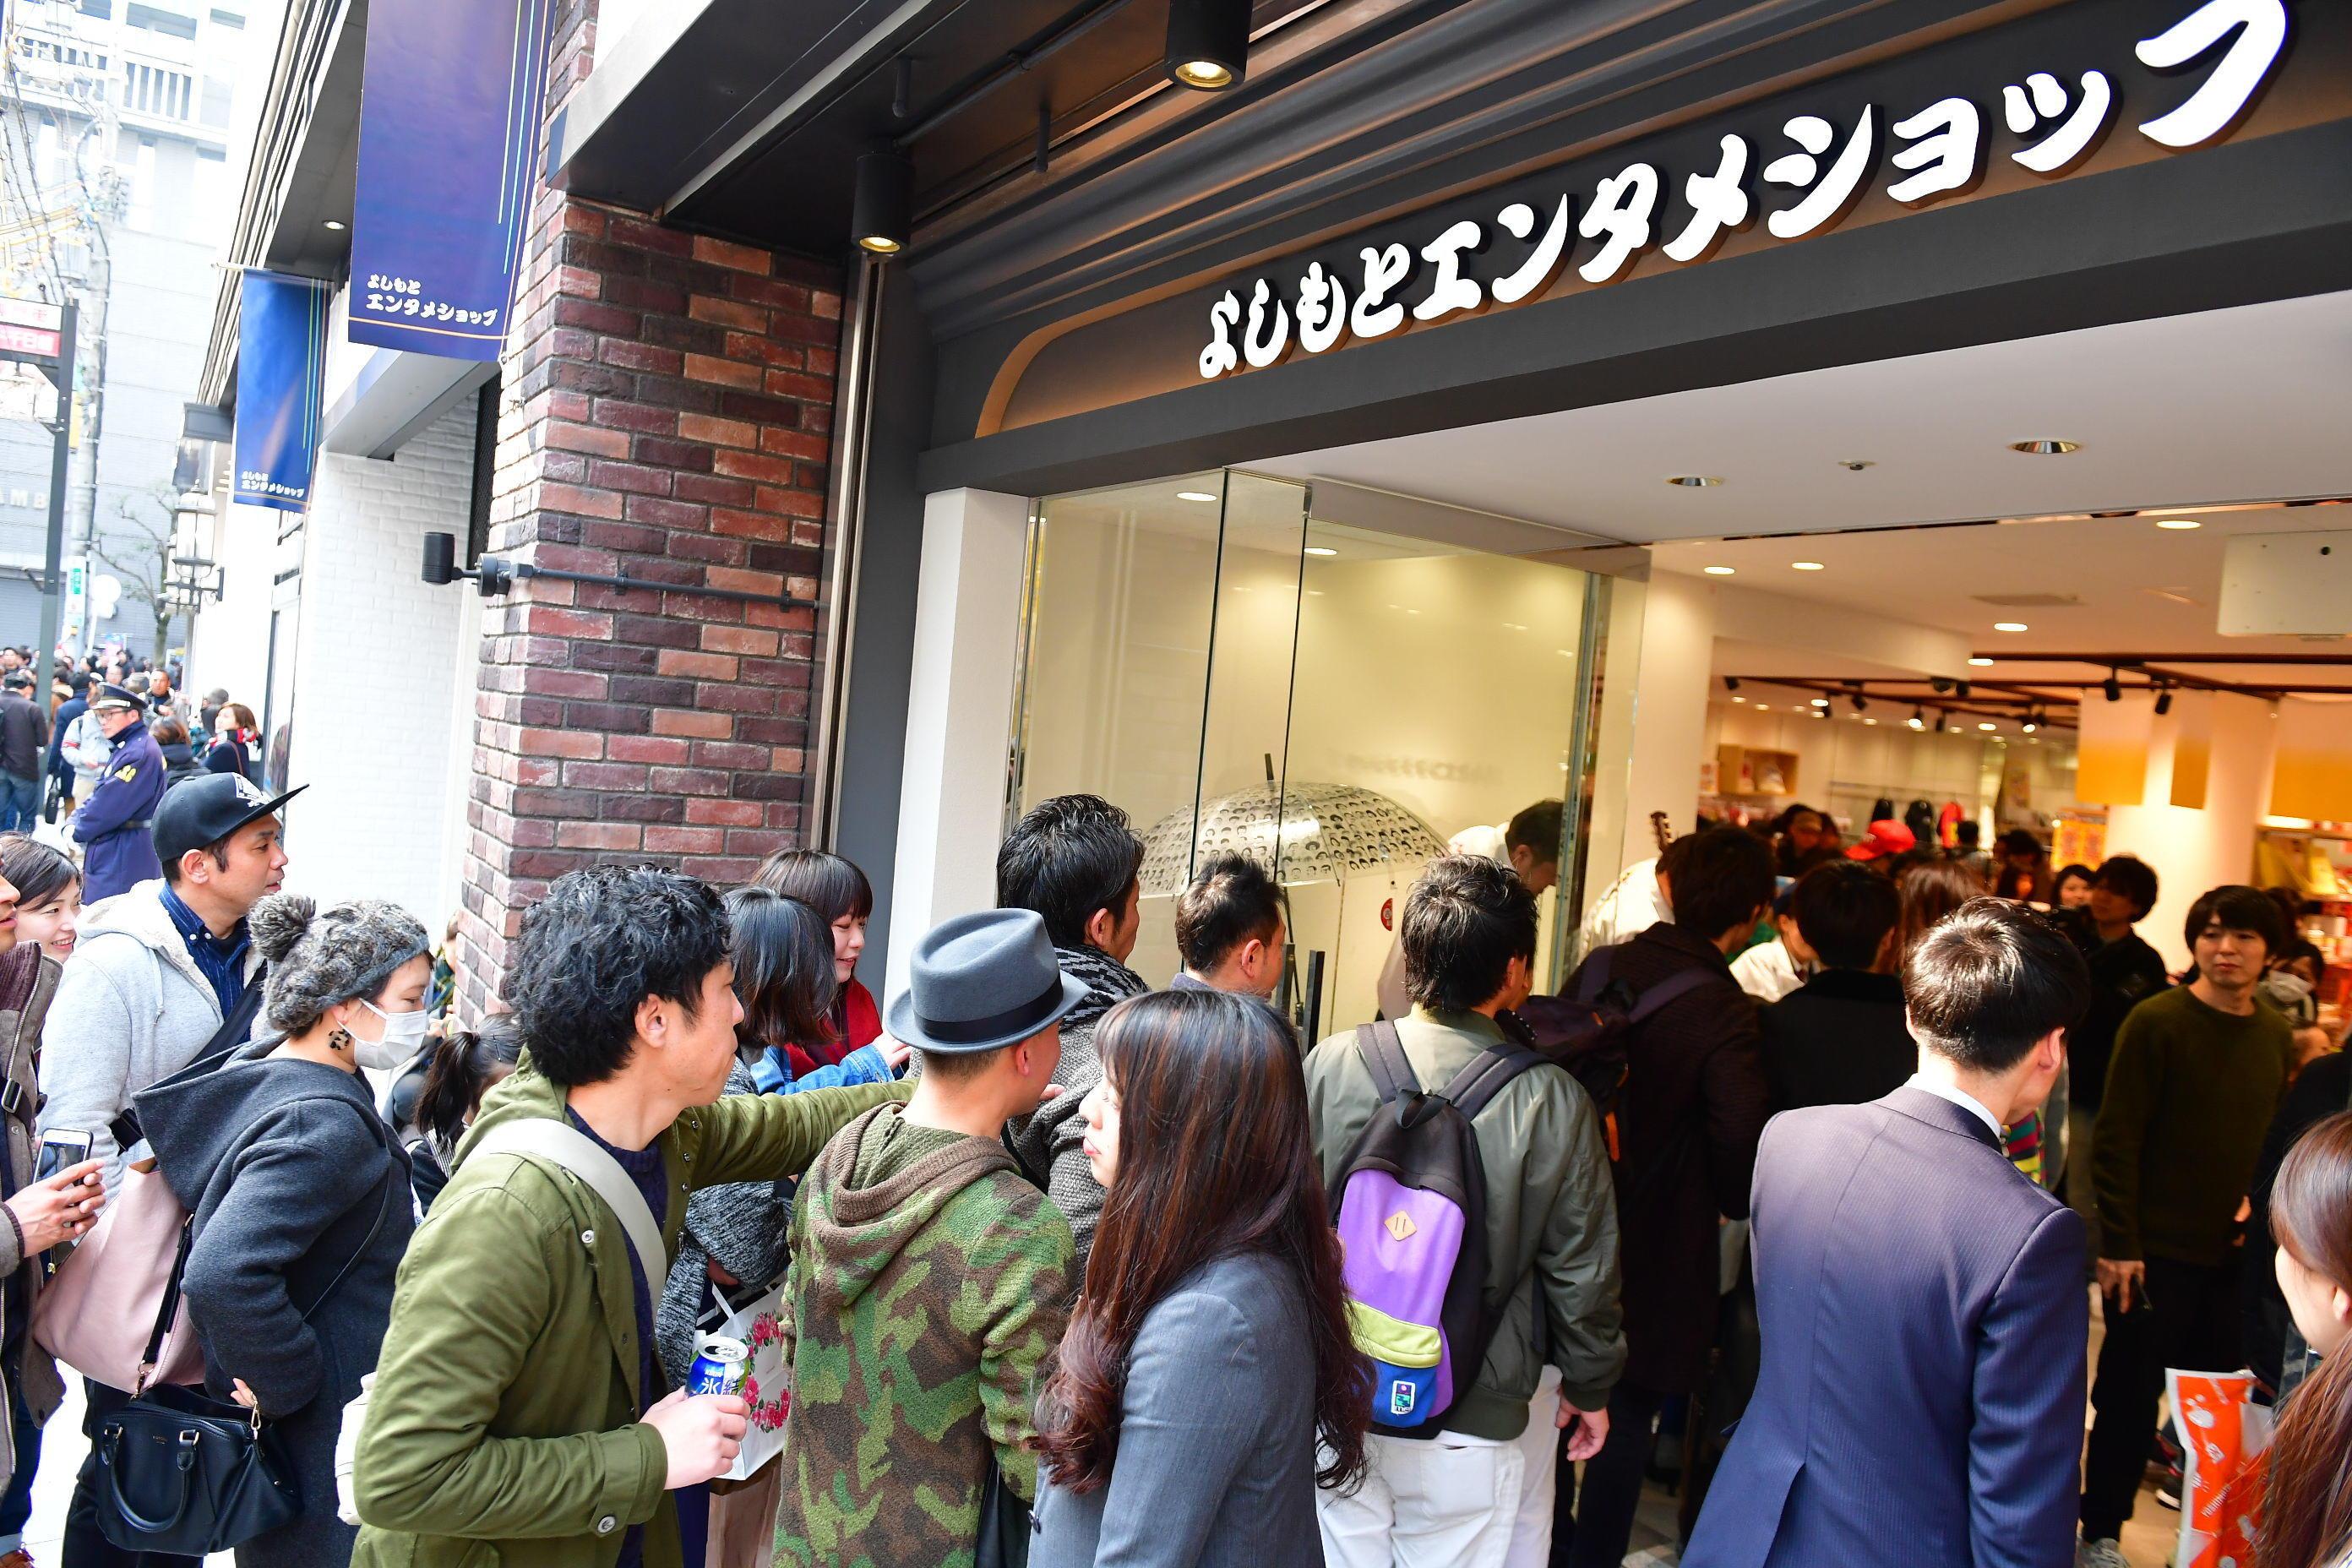 http://news.yoshimoto.co.jp/20180225121212-c6d50c77964d5f93d85d8aef6b1f606337e957e1.jpg